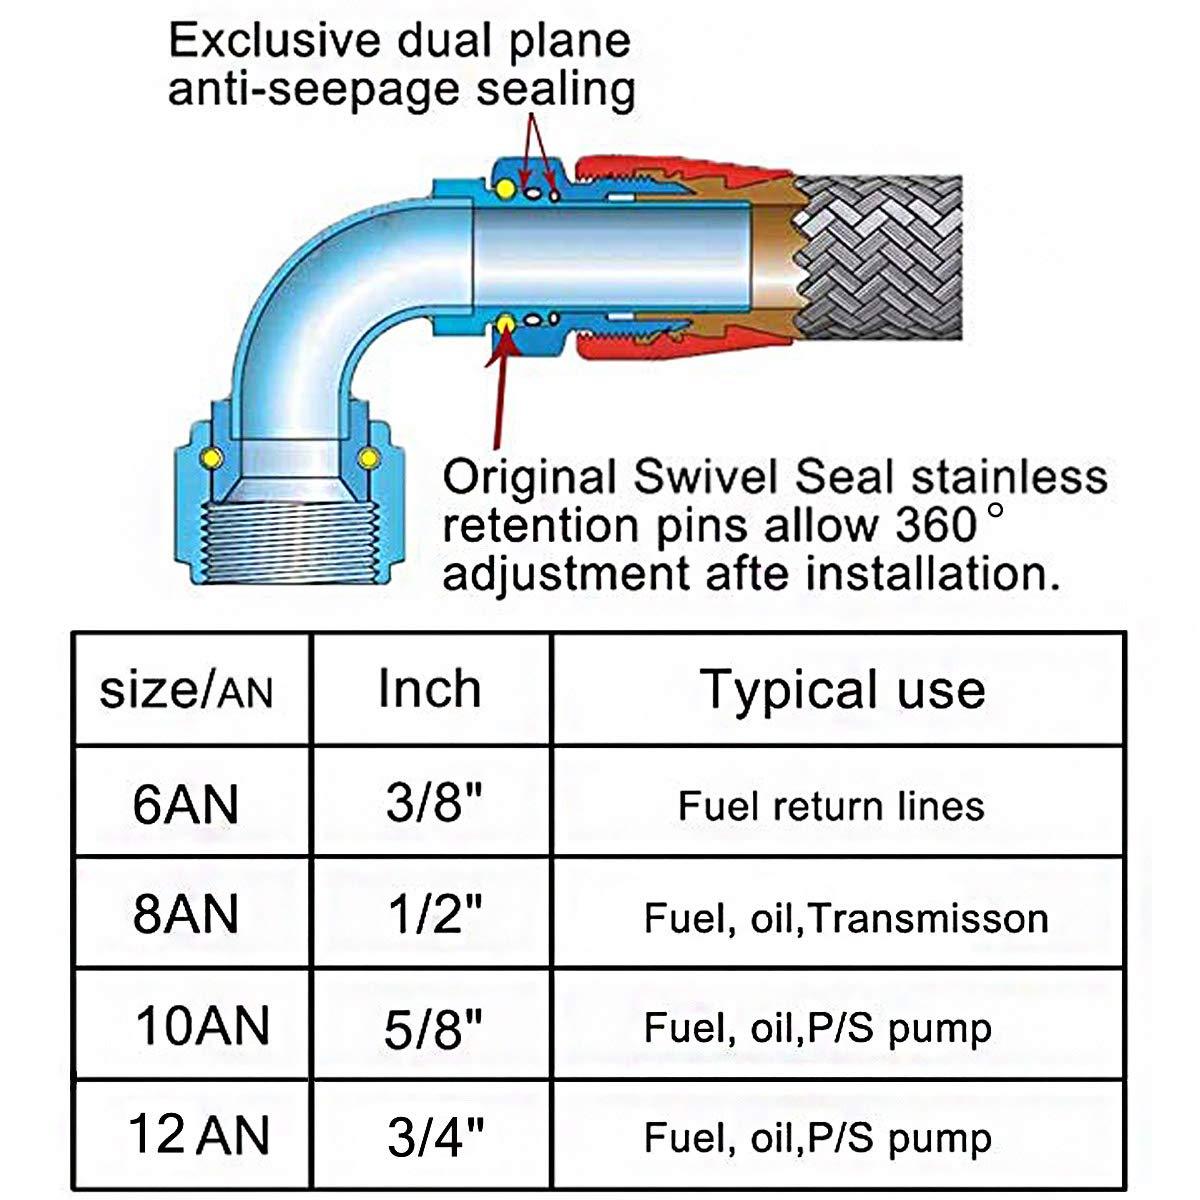 EVIL ENERGY 8AN Nylon Braided CPE Fuel Line Kit 16FT